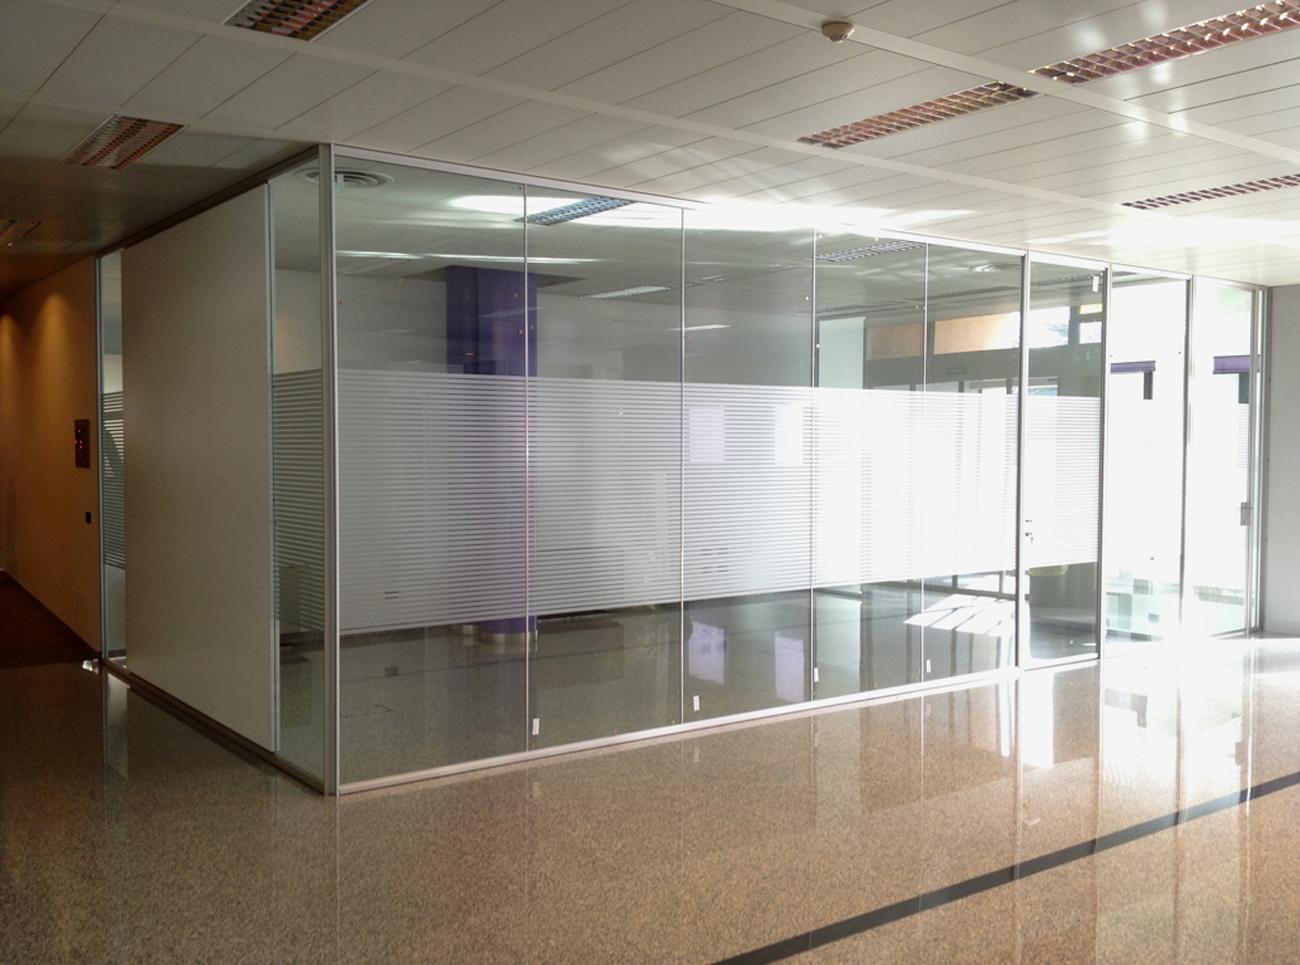 Adesivi sabbiati smerigliati millerighe pareti vetrate 1 - Decorazione per pareti ...